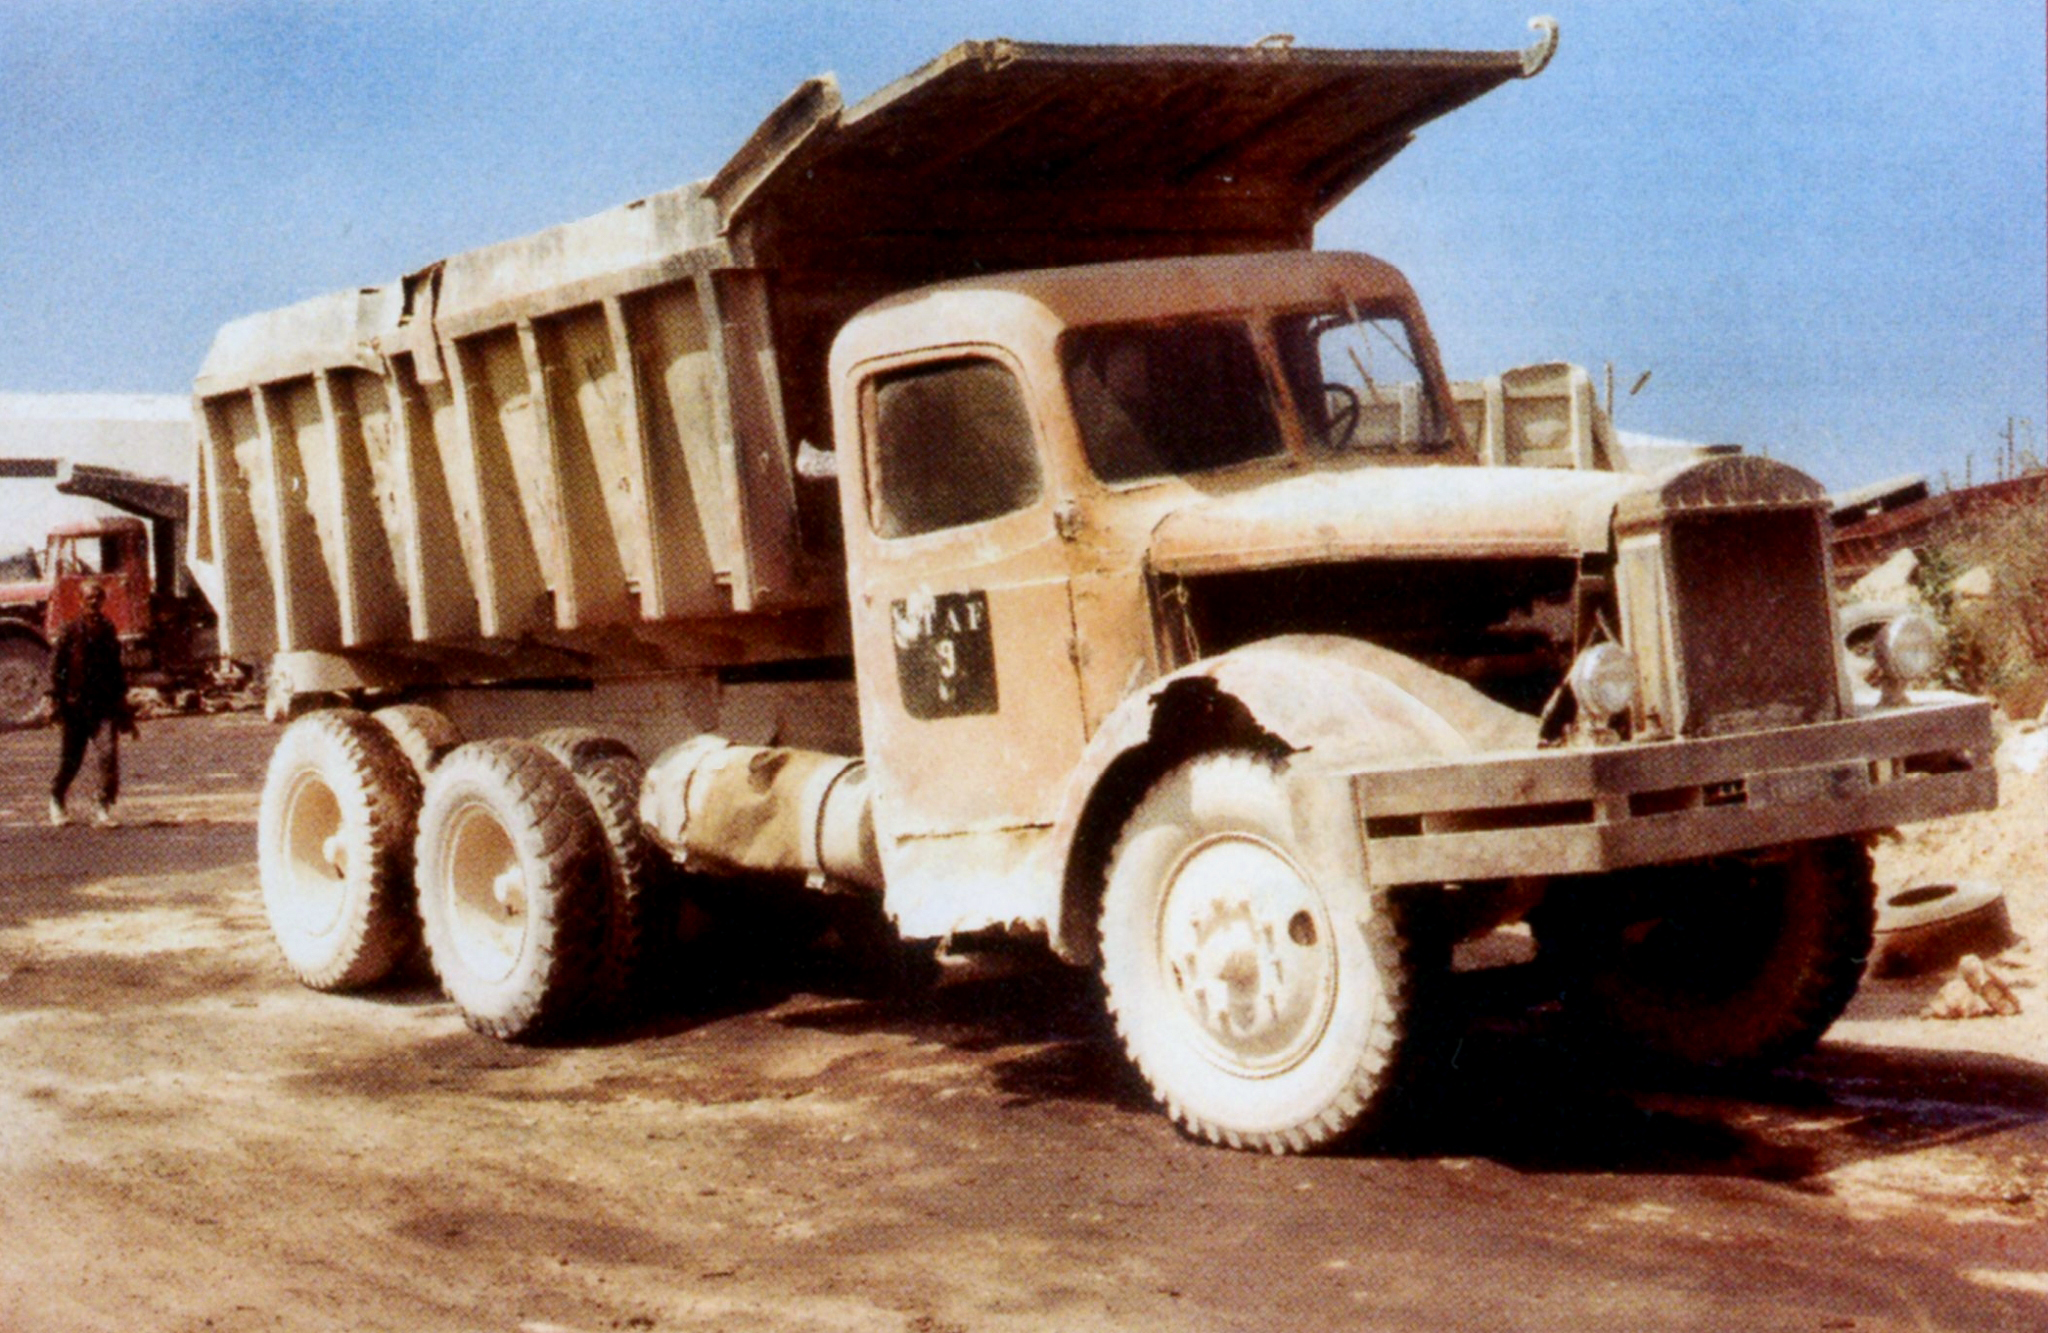 Transport Routier au Maroc - Histoire - Page 2 49881944851_1112031ba5_o_d